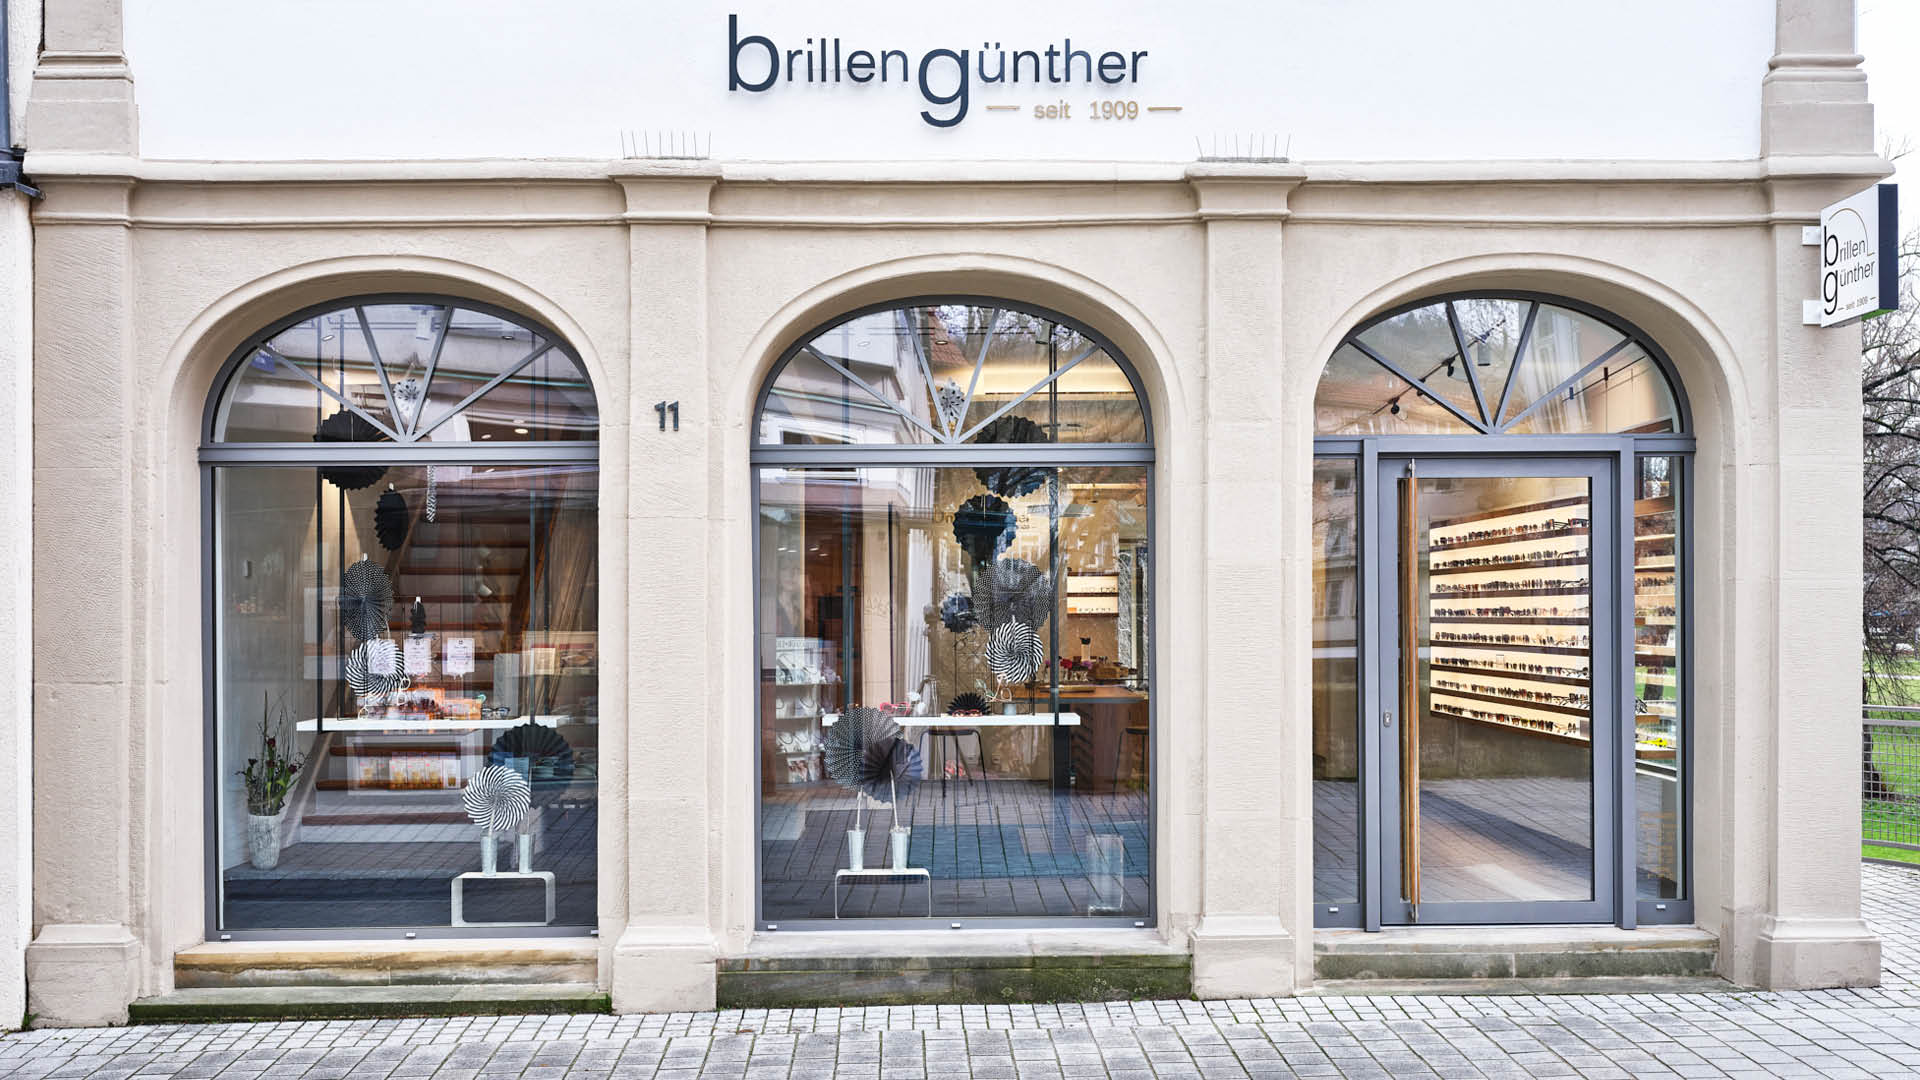 Miller-Ladenbau Optik Günther 01 1920x1080